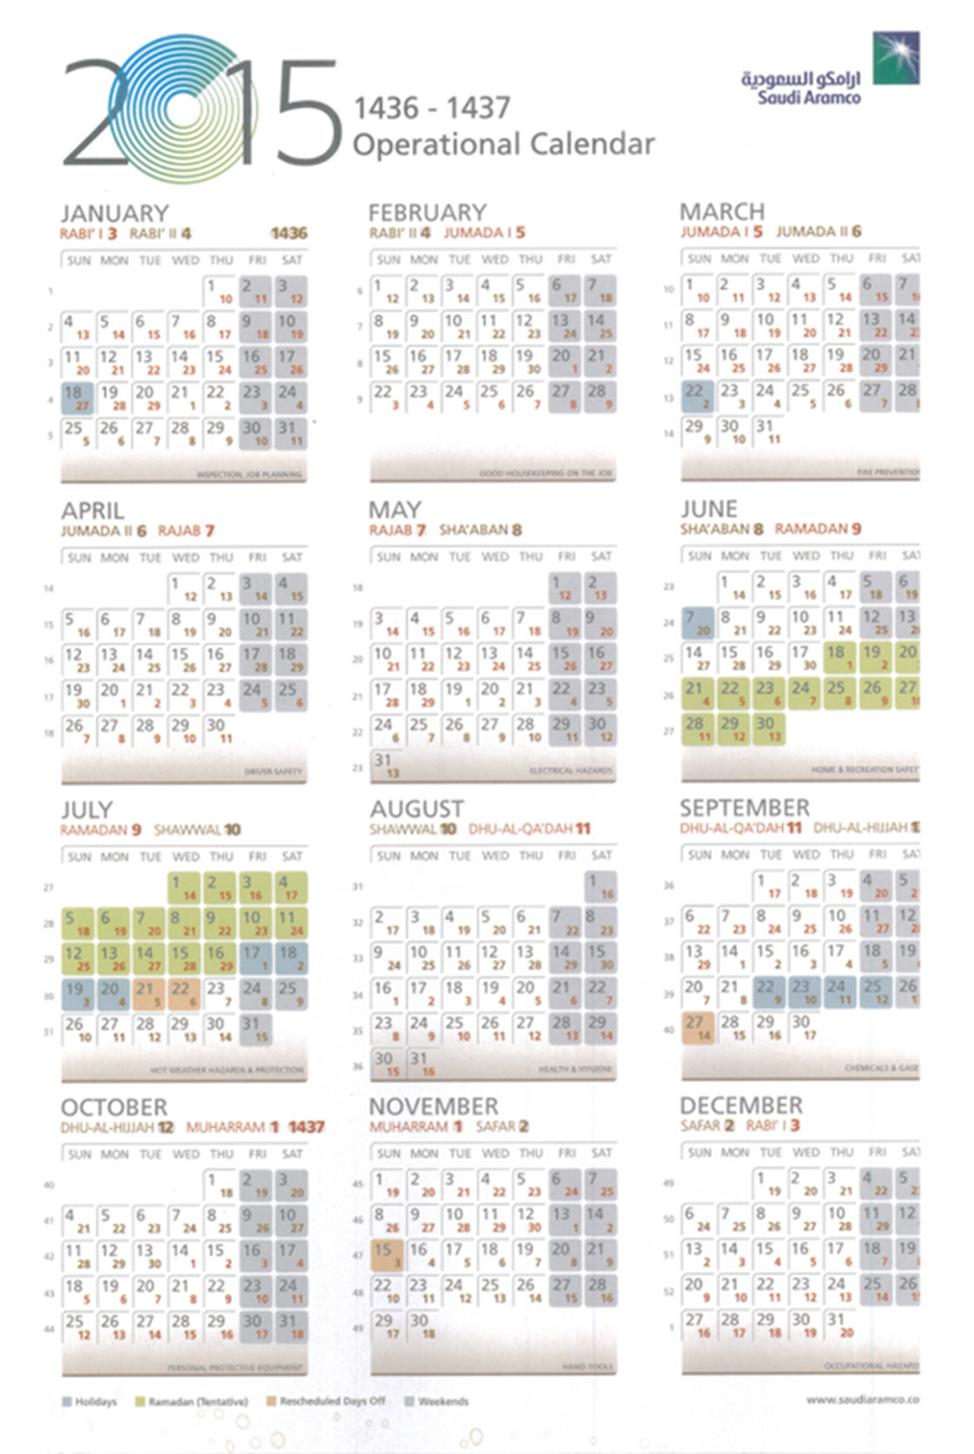 Aramco Calendar 2020 Pdf - Calendario 2019 pertaining to Calendar 2021 Aramco